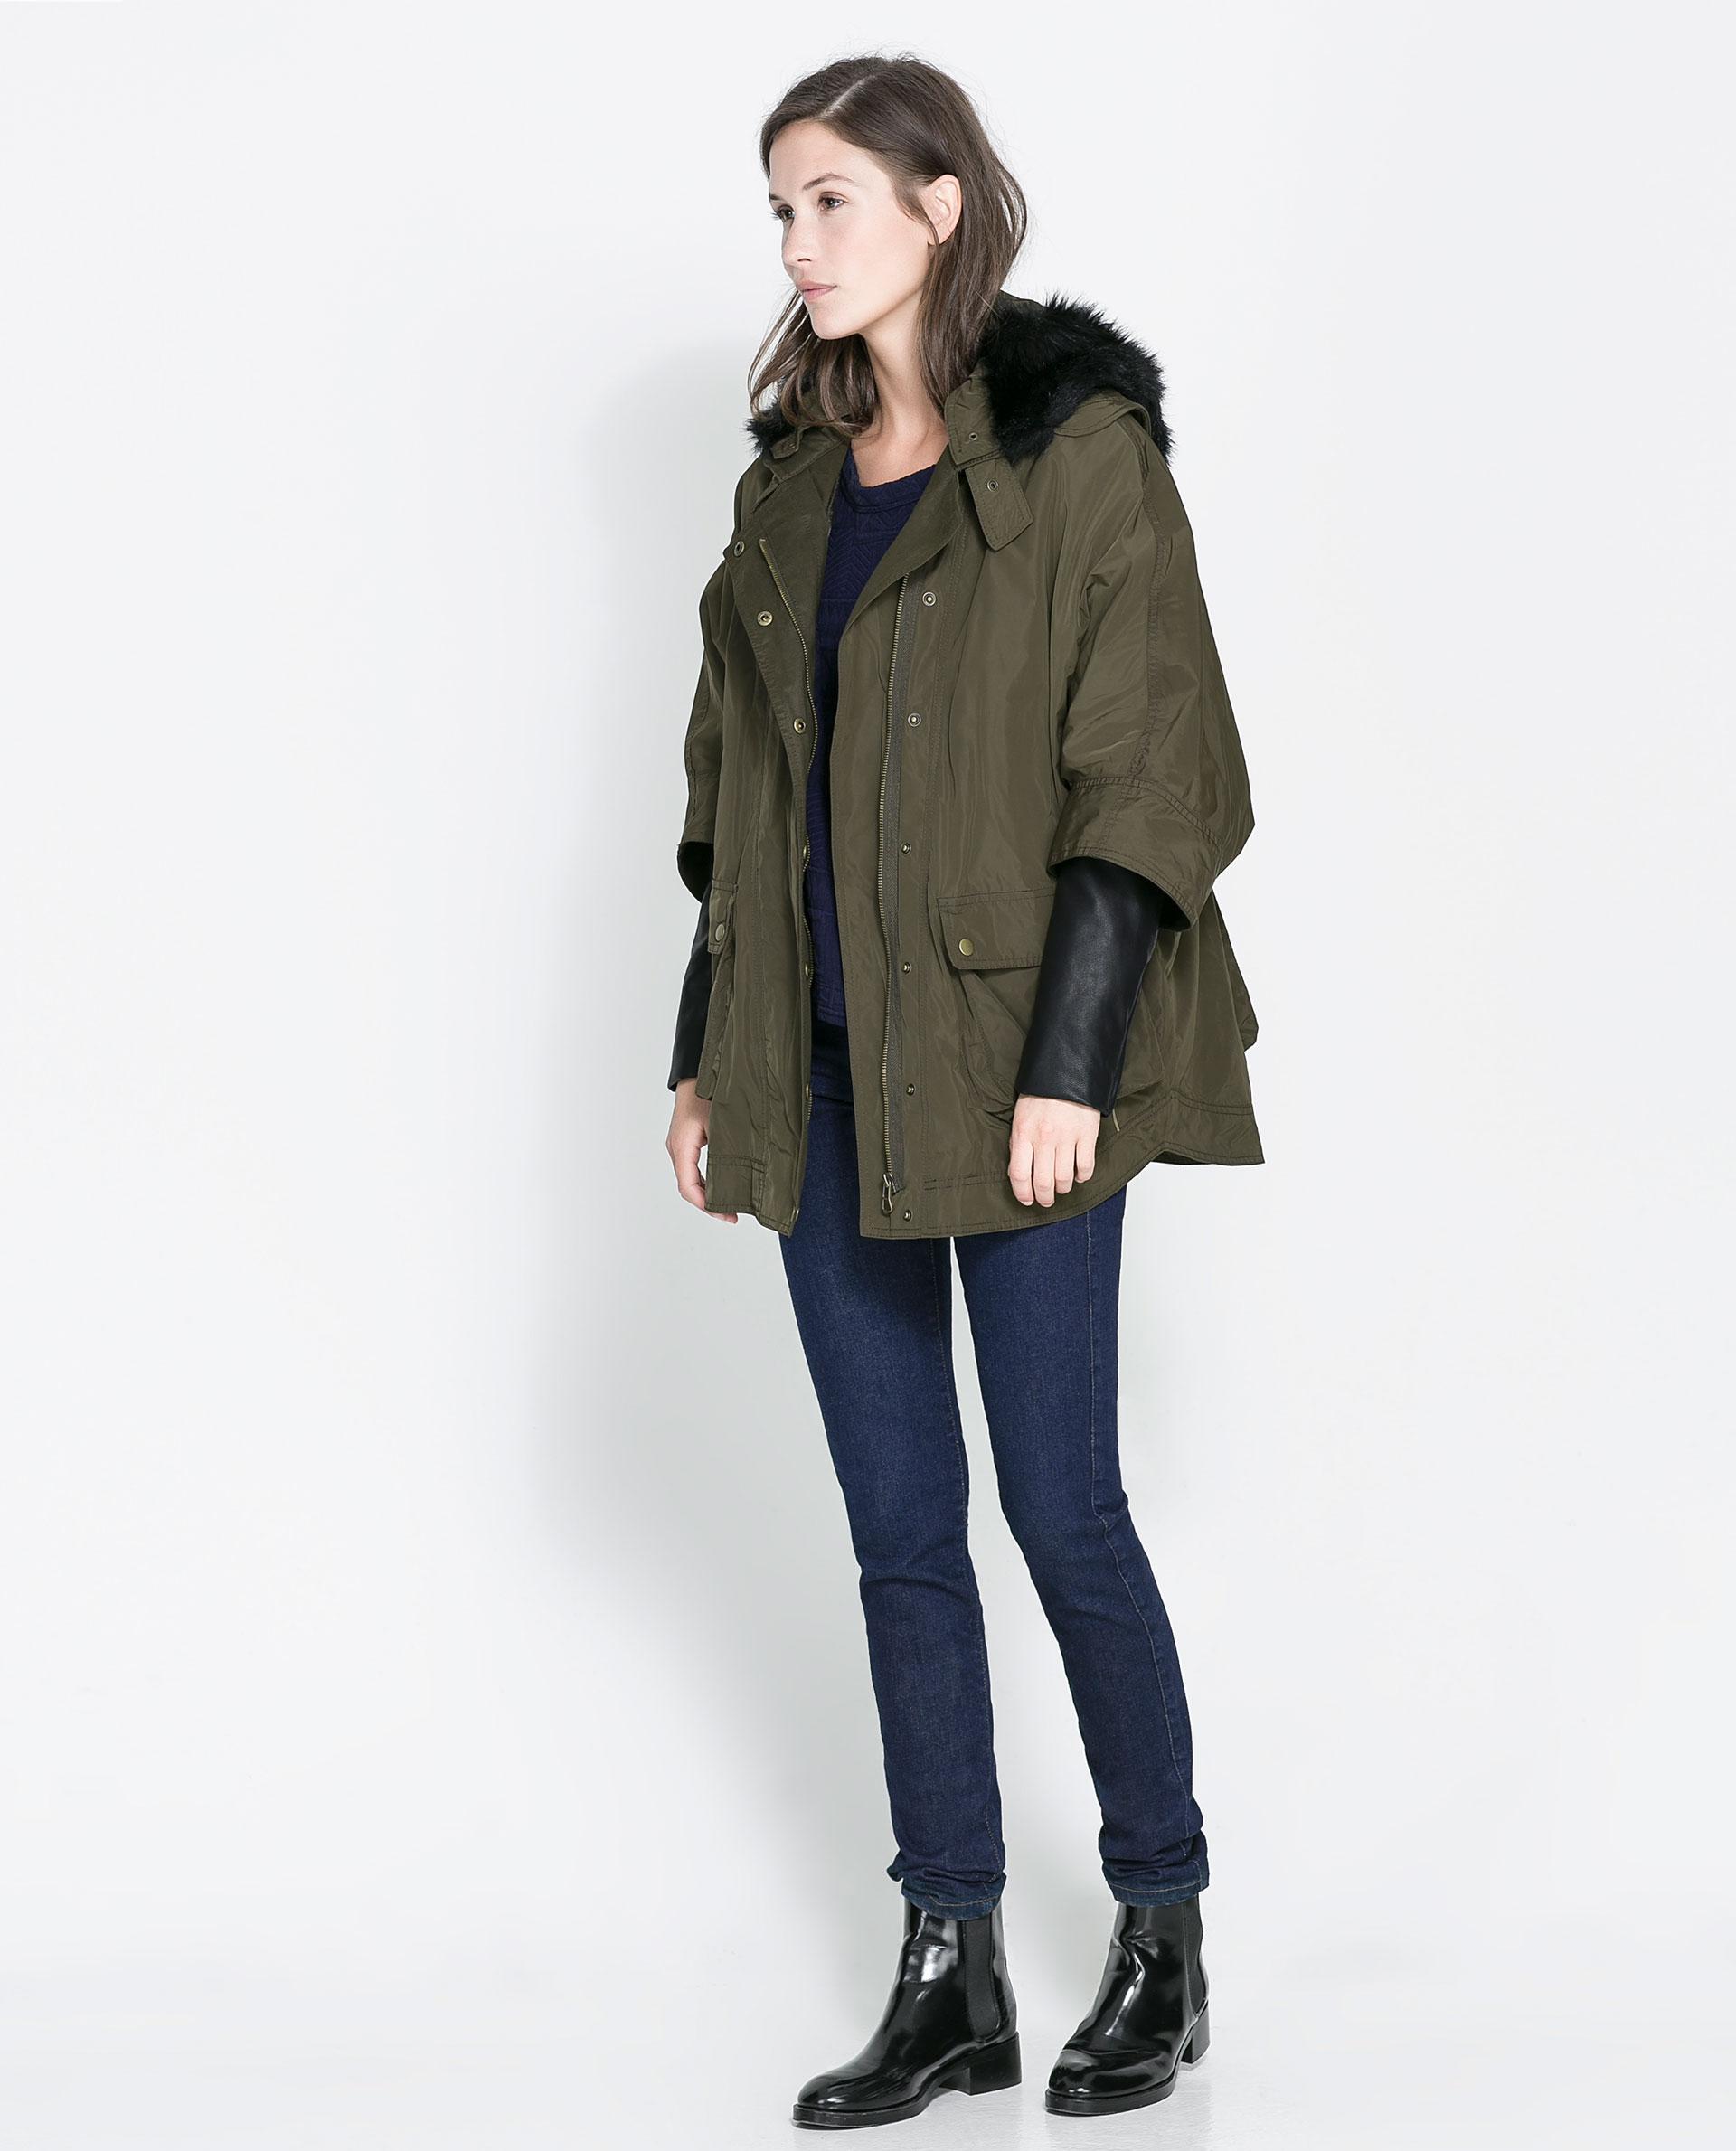 Zara womens jacket